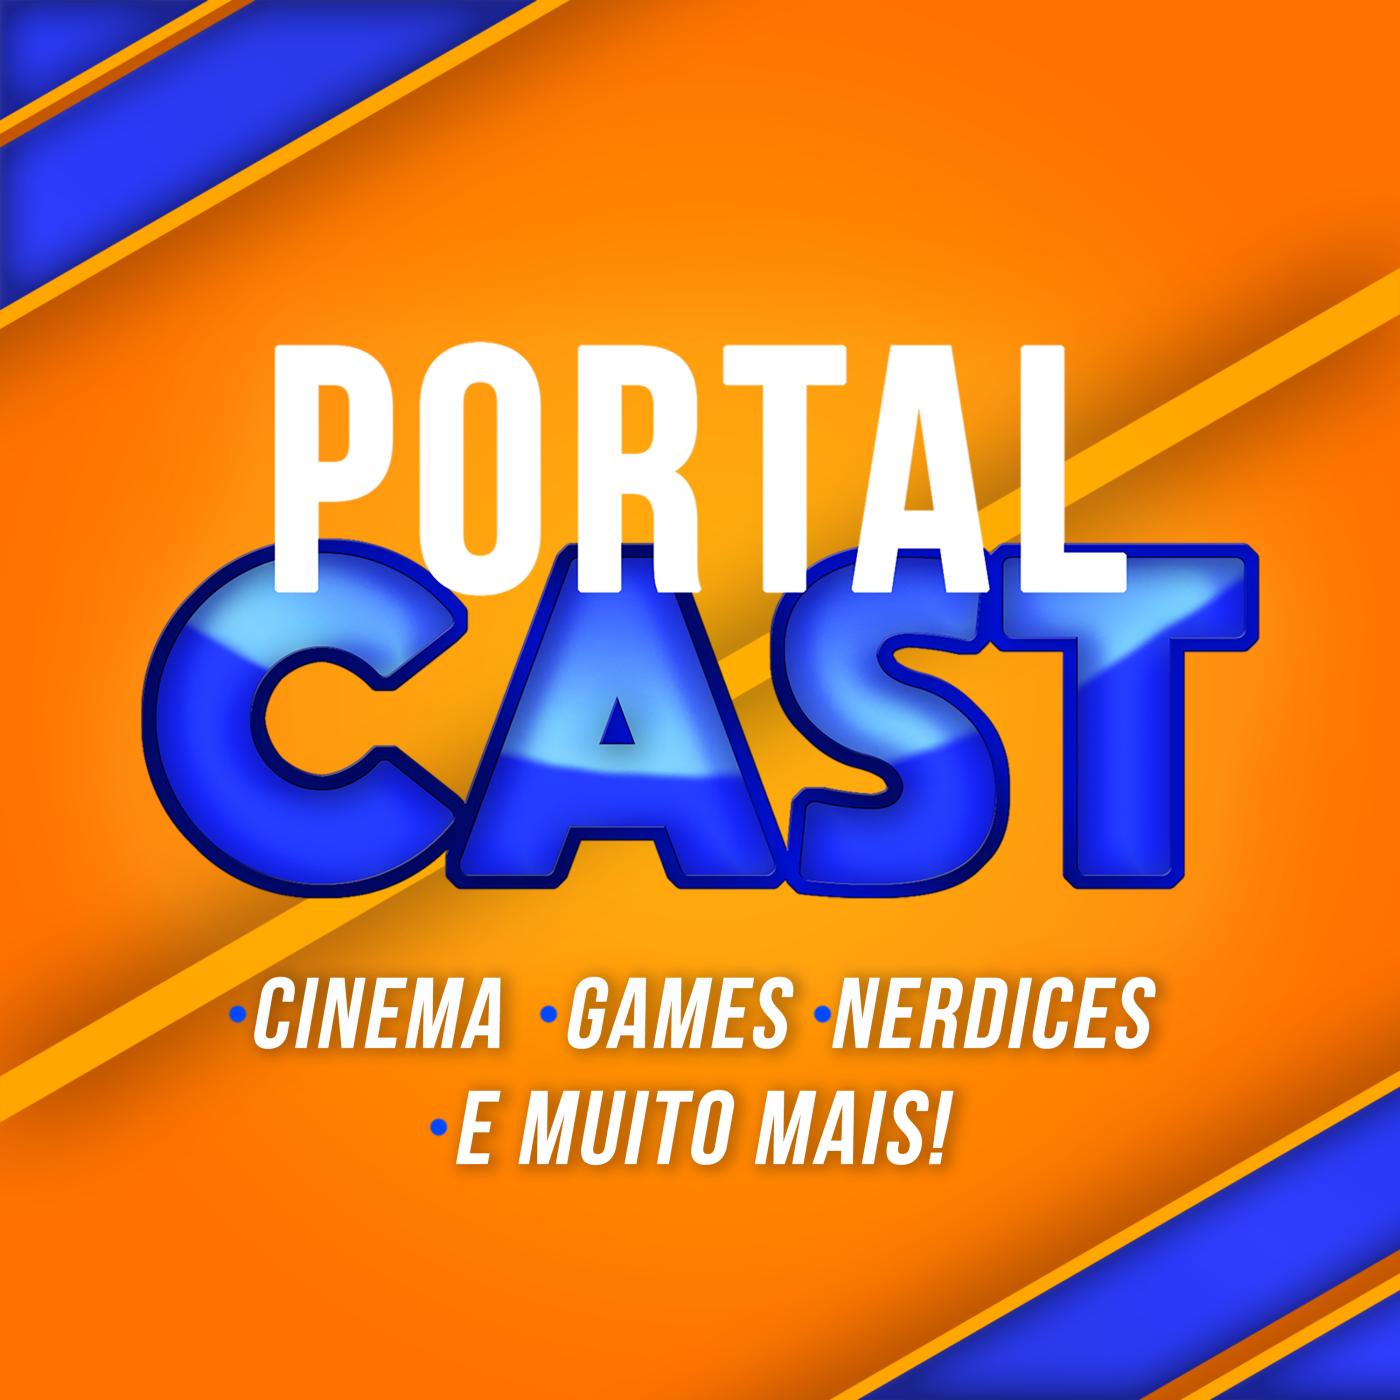 Portal Cast